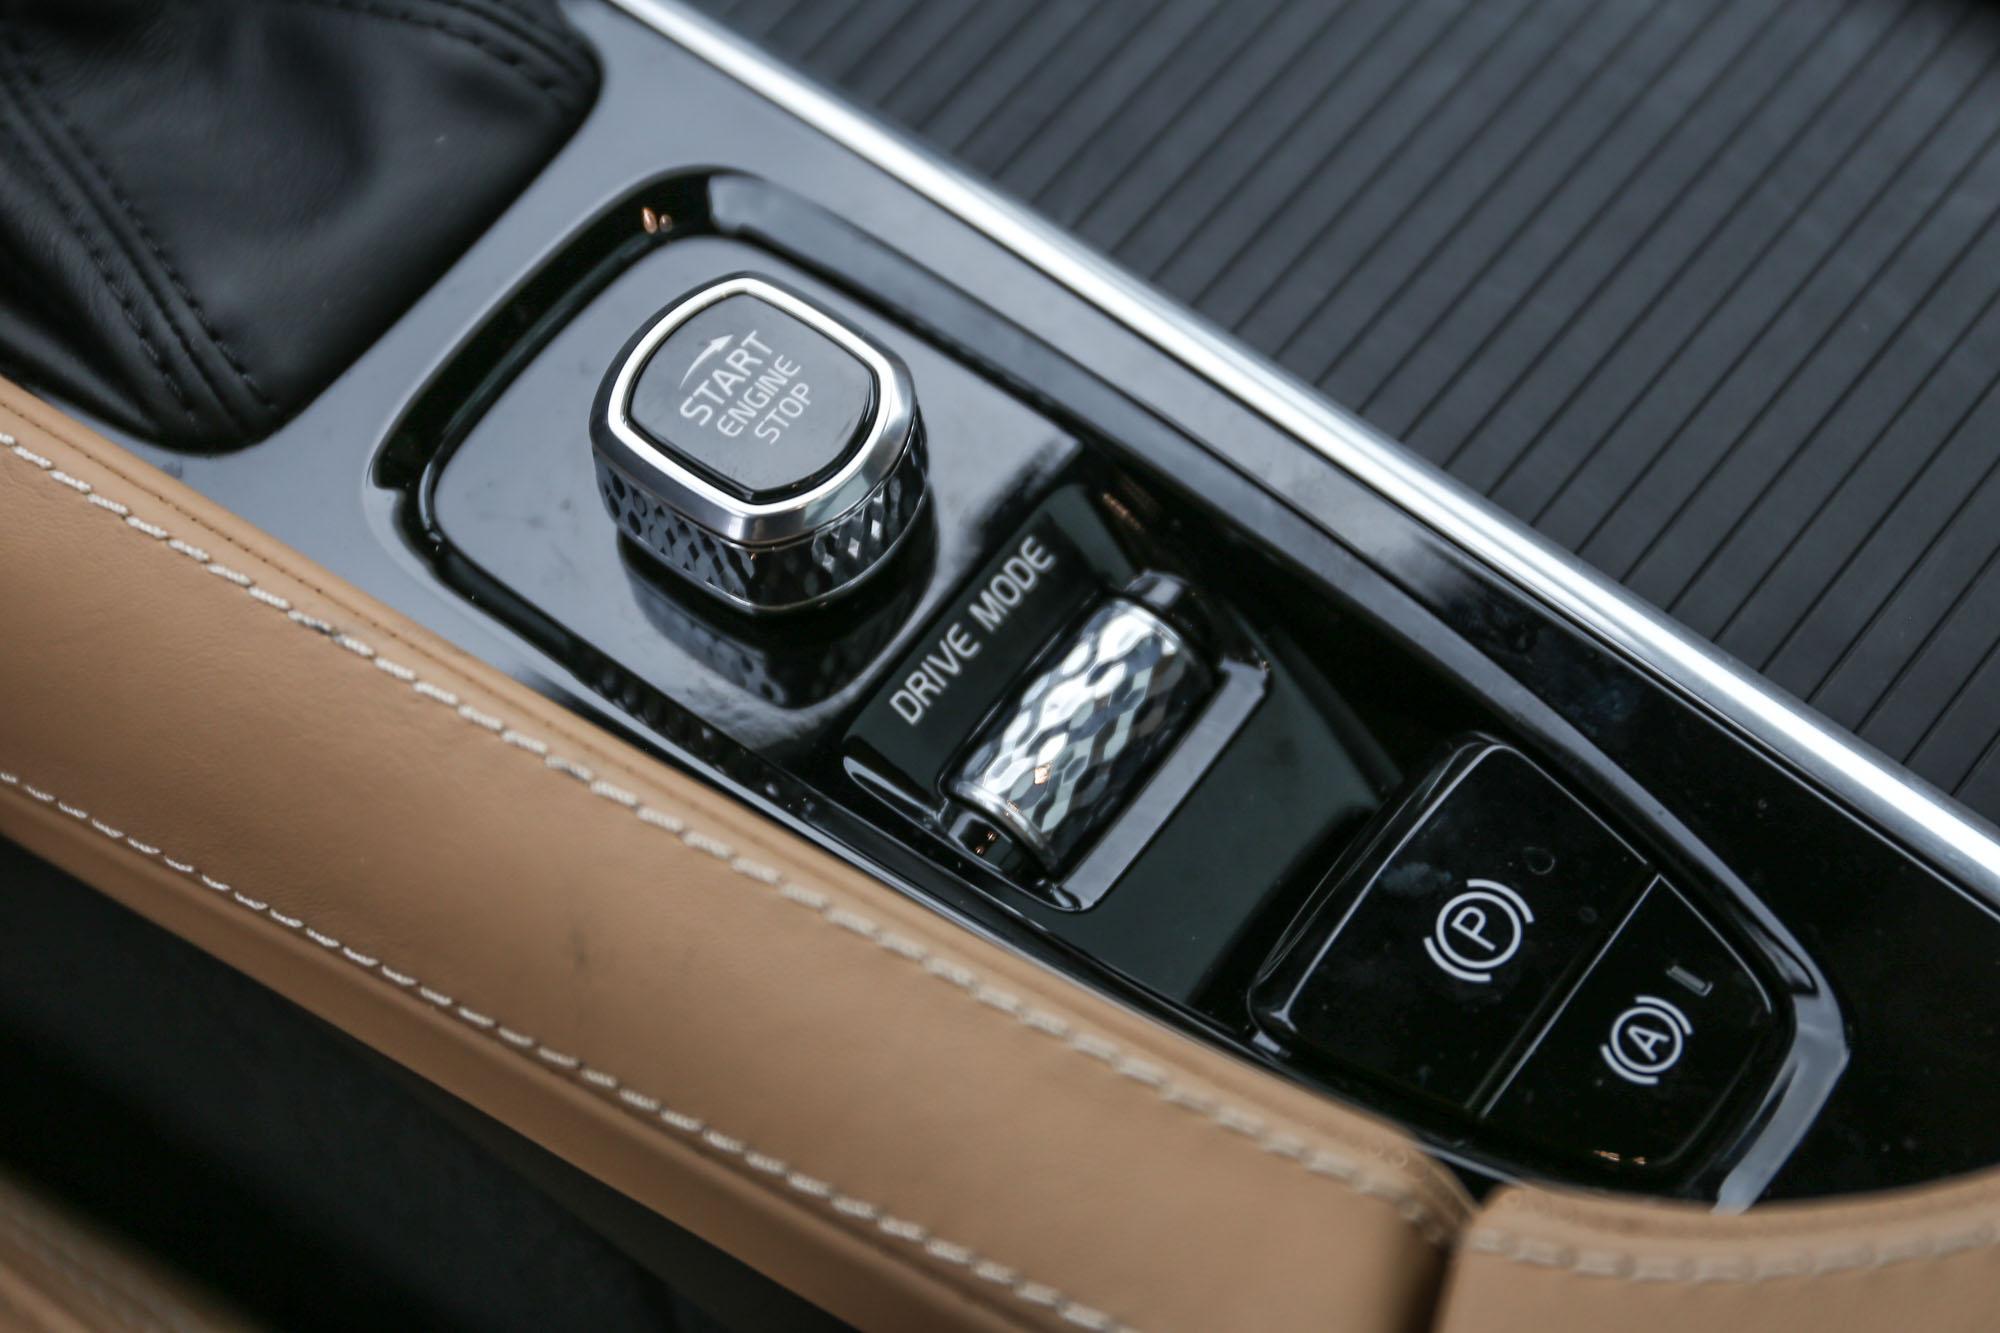 個人駕駛模式設定可依照不同駕駛環境與駕駛風格切換。